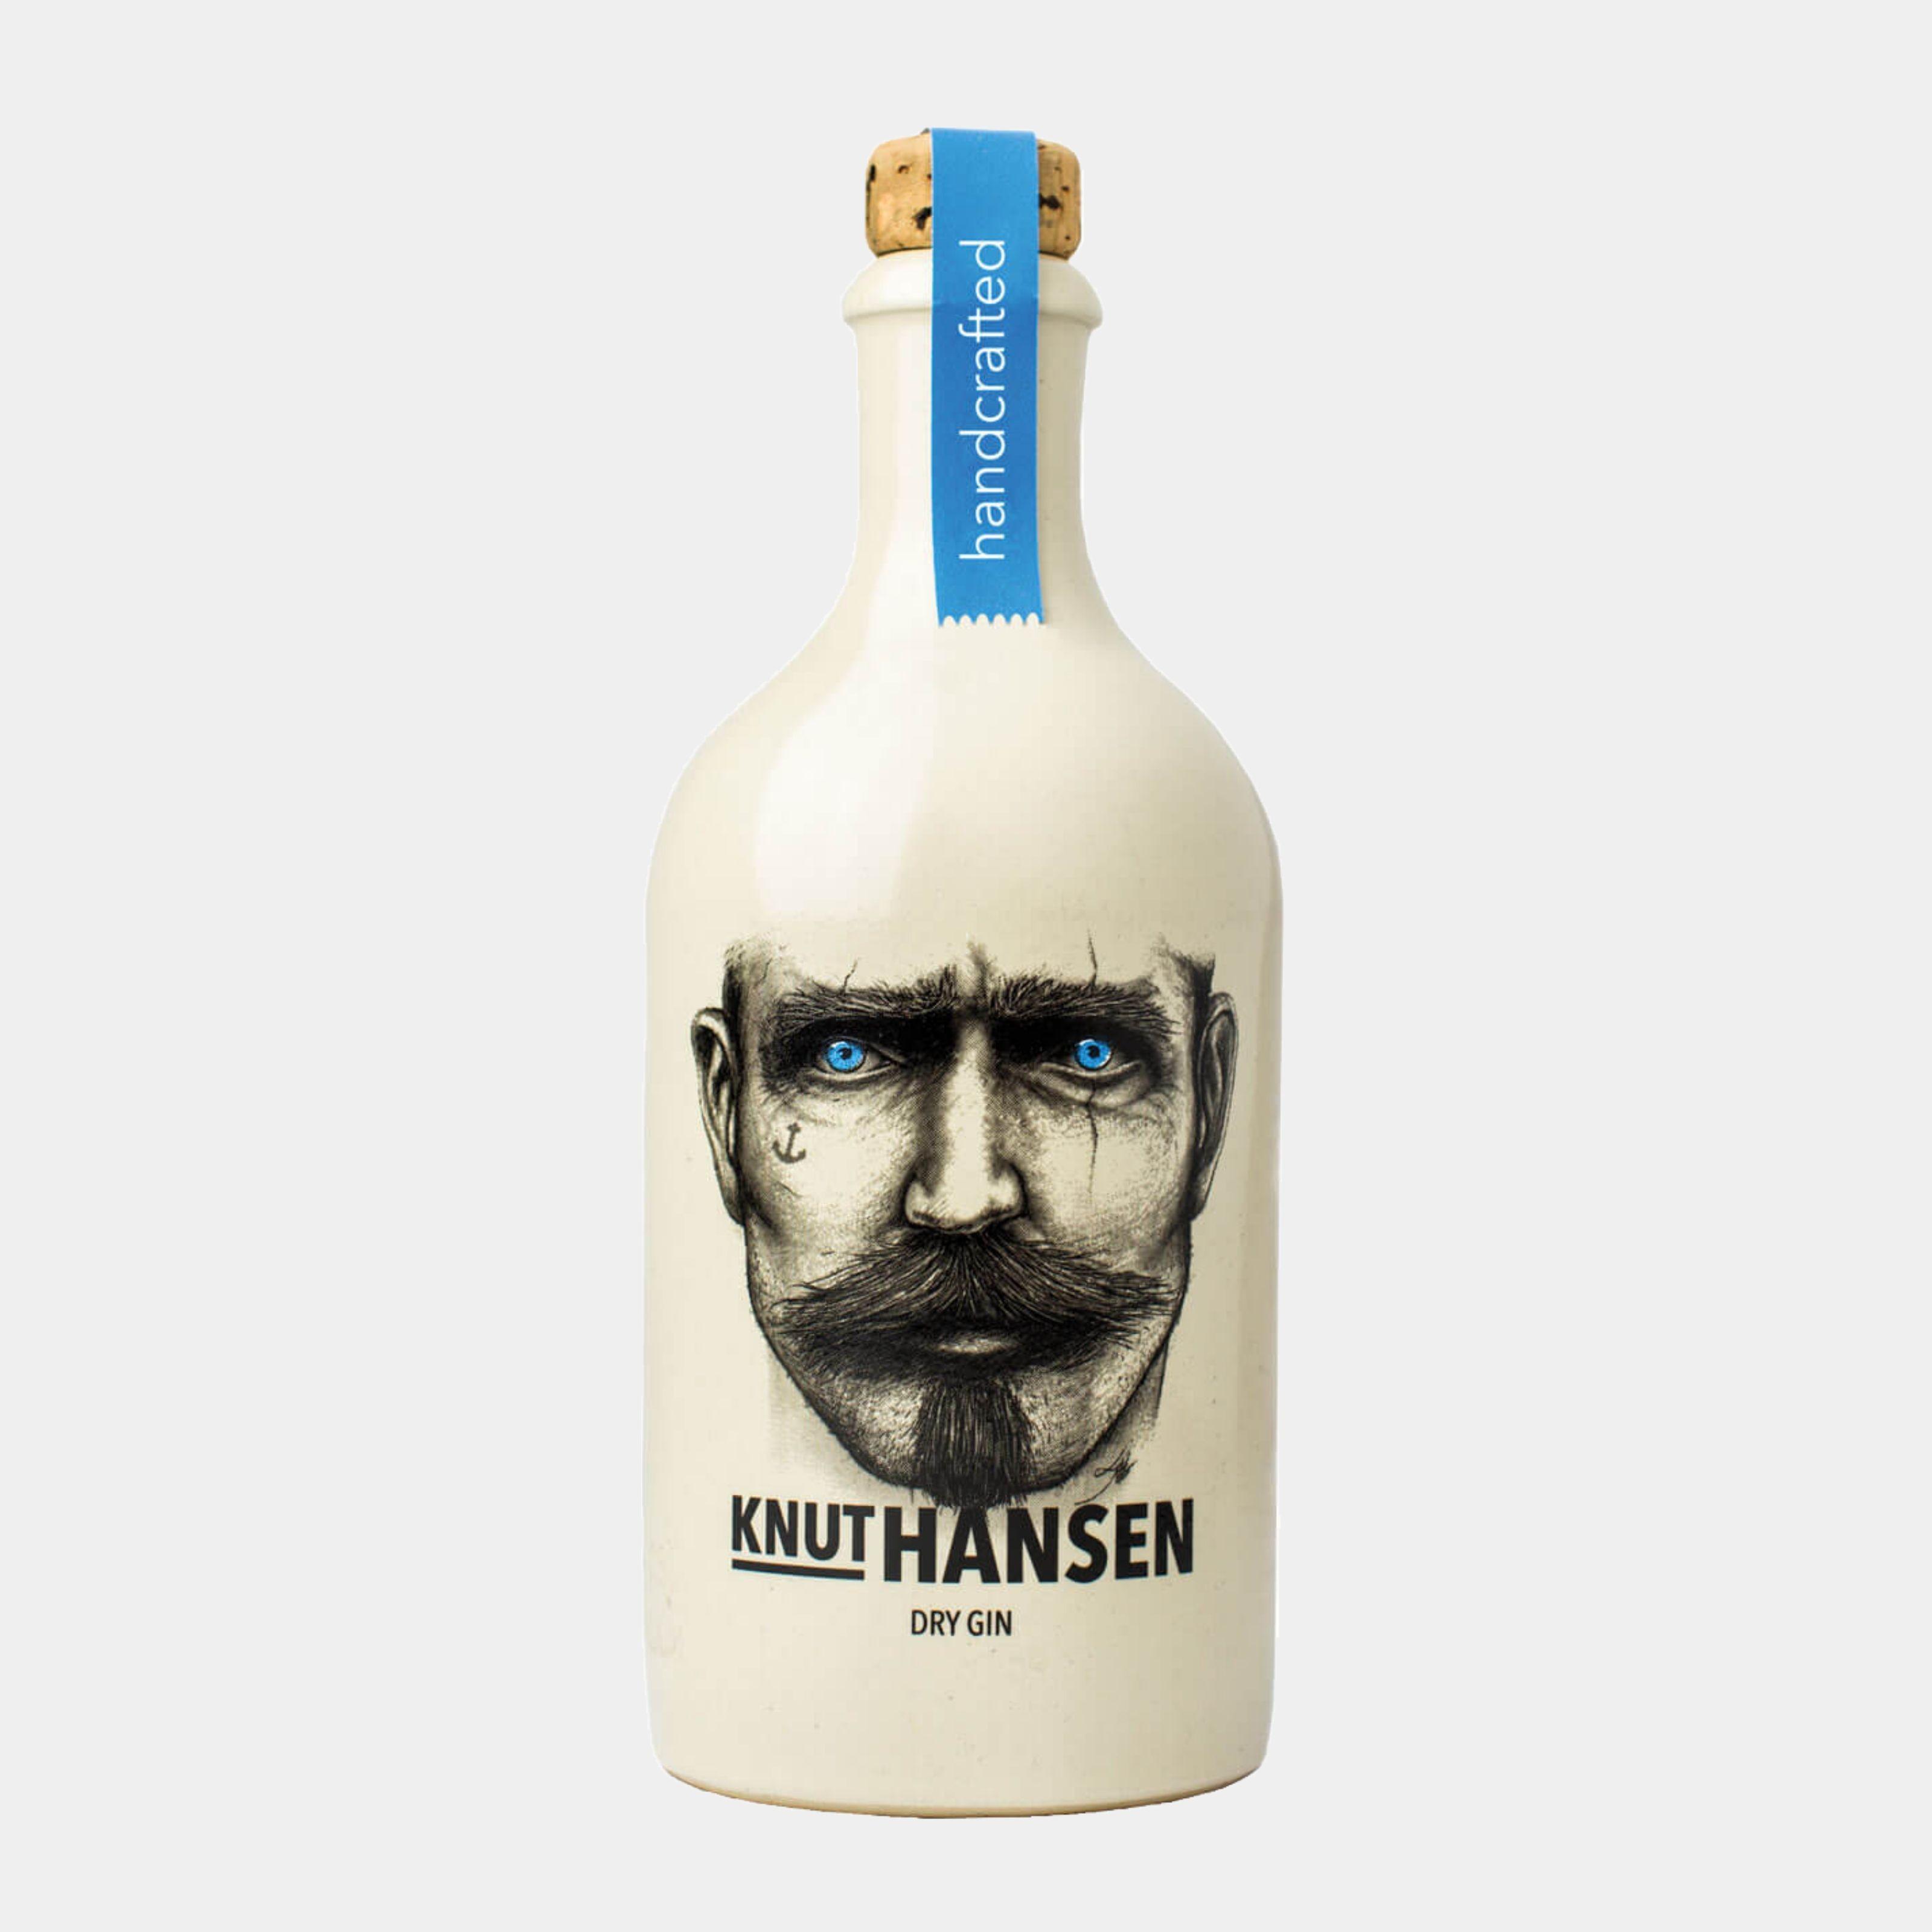 Knut Hansen Dry Gin 0.5l 42% Alk. Ginobility